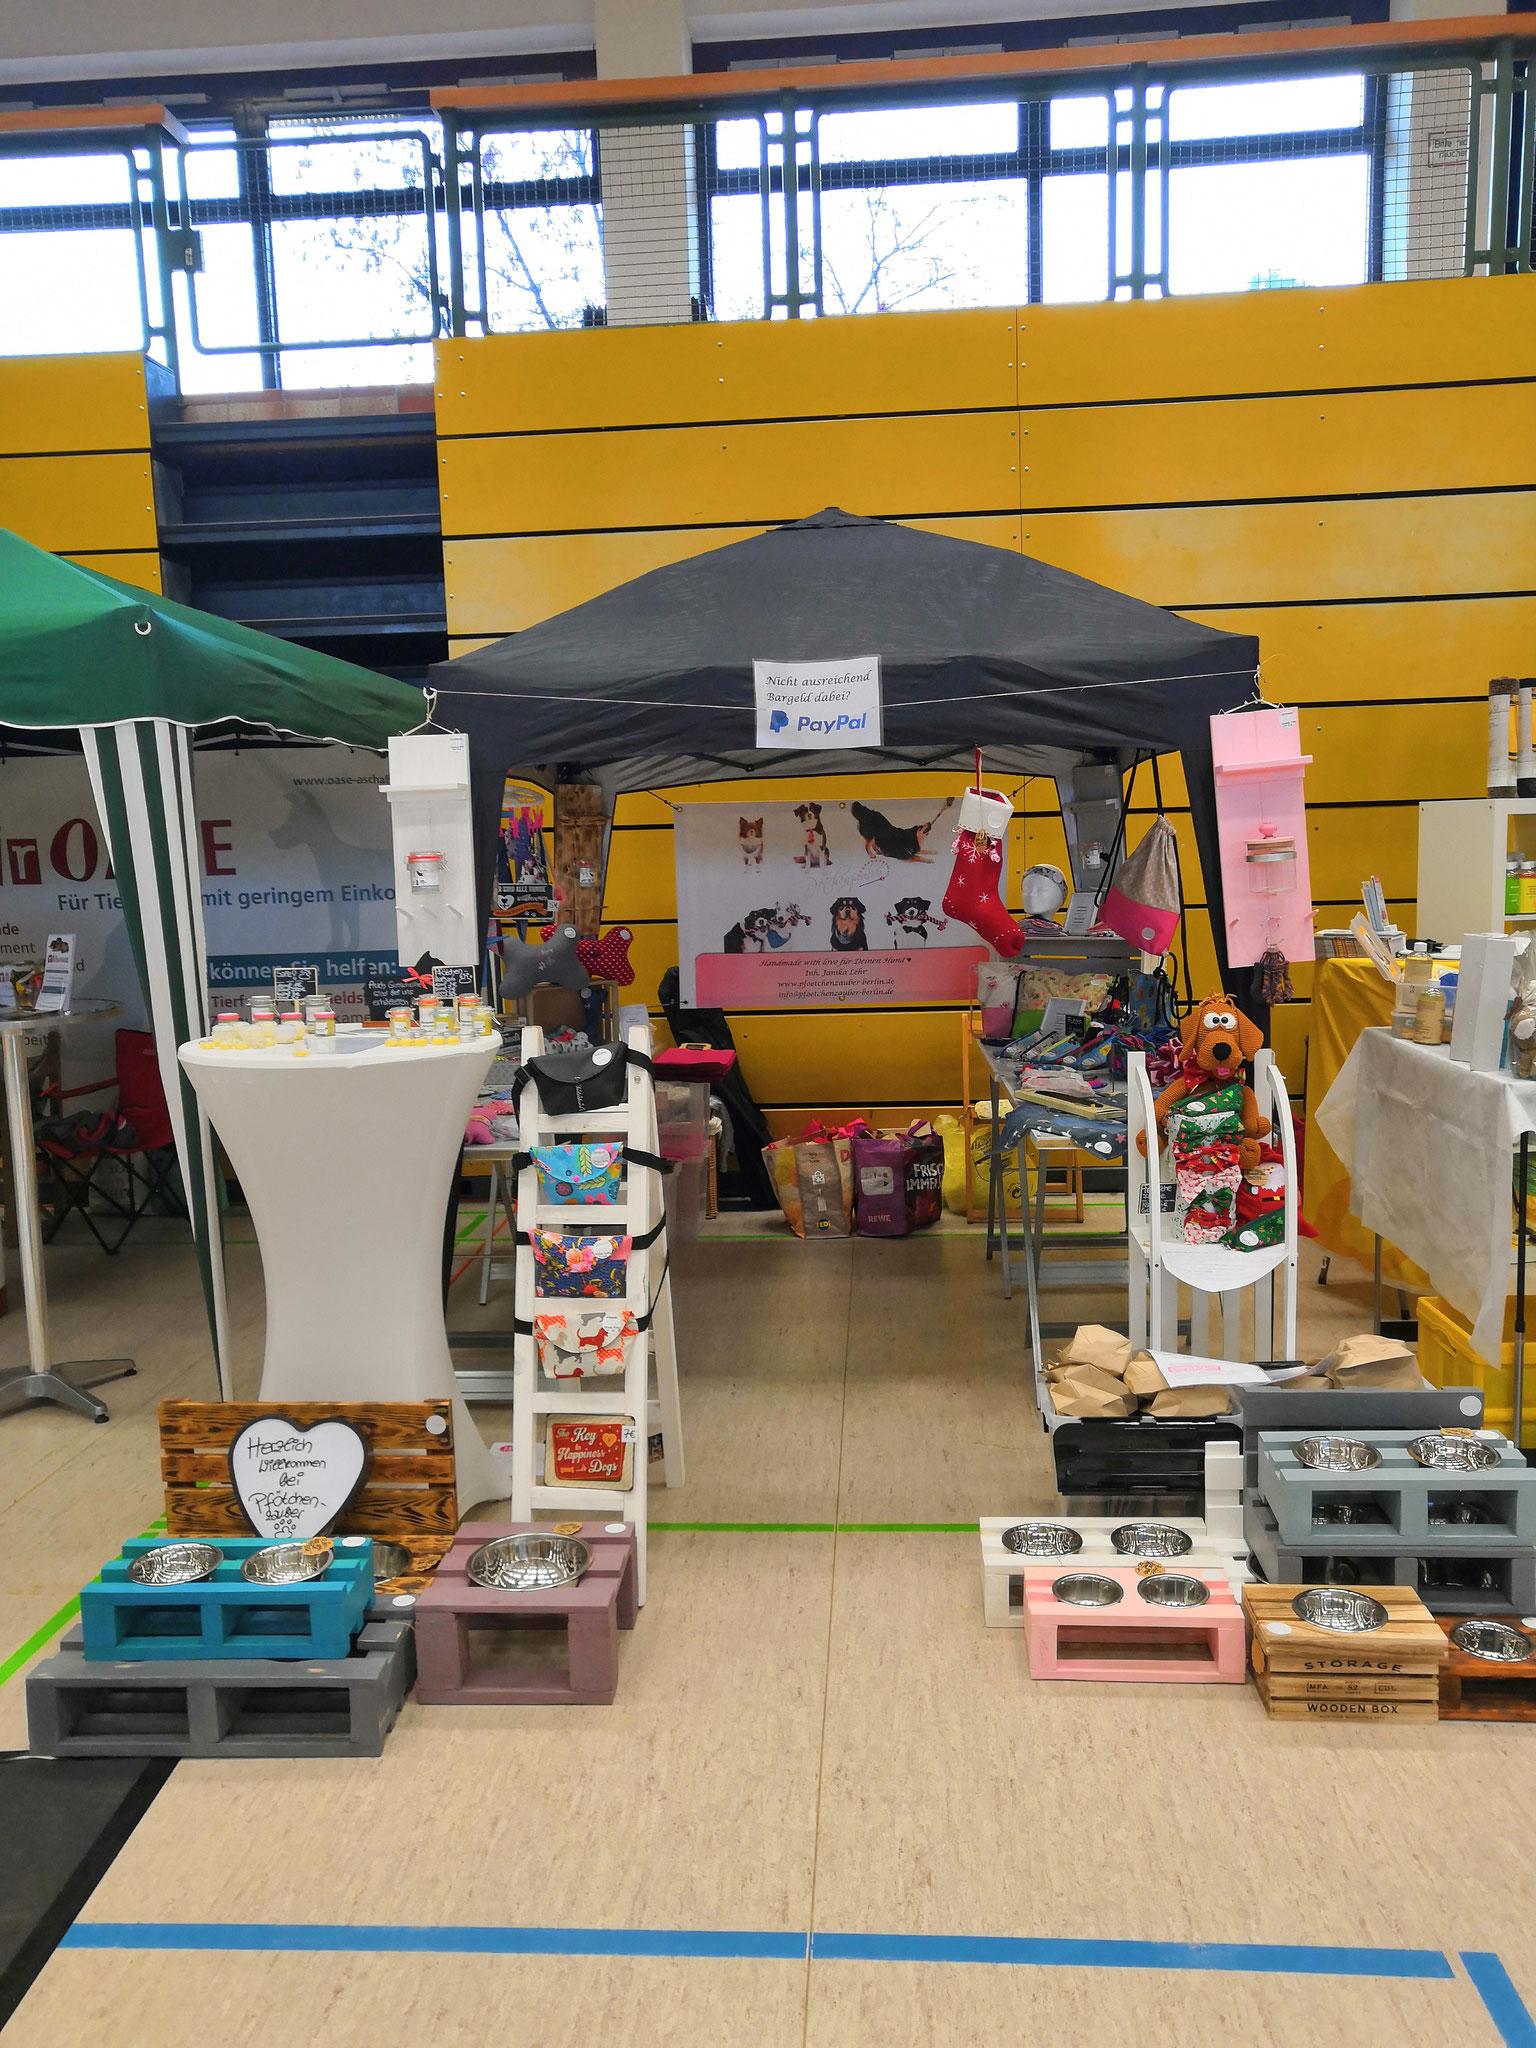 DogFair Stockstadt 09/2019 - Auswahl an Futter- und Napfbars